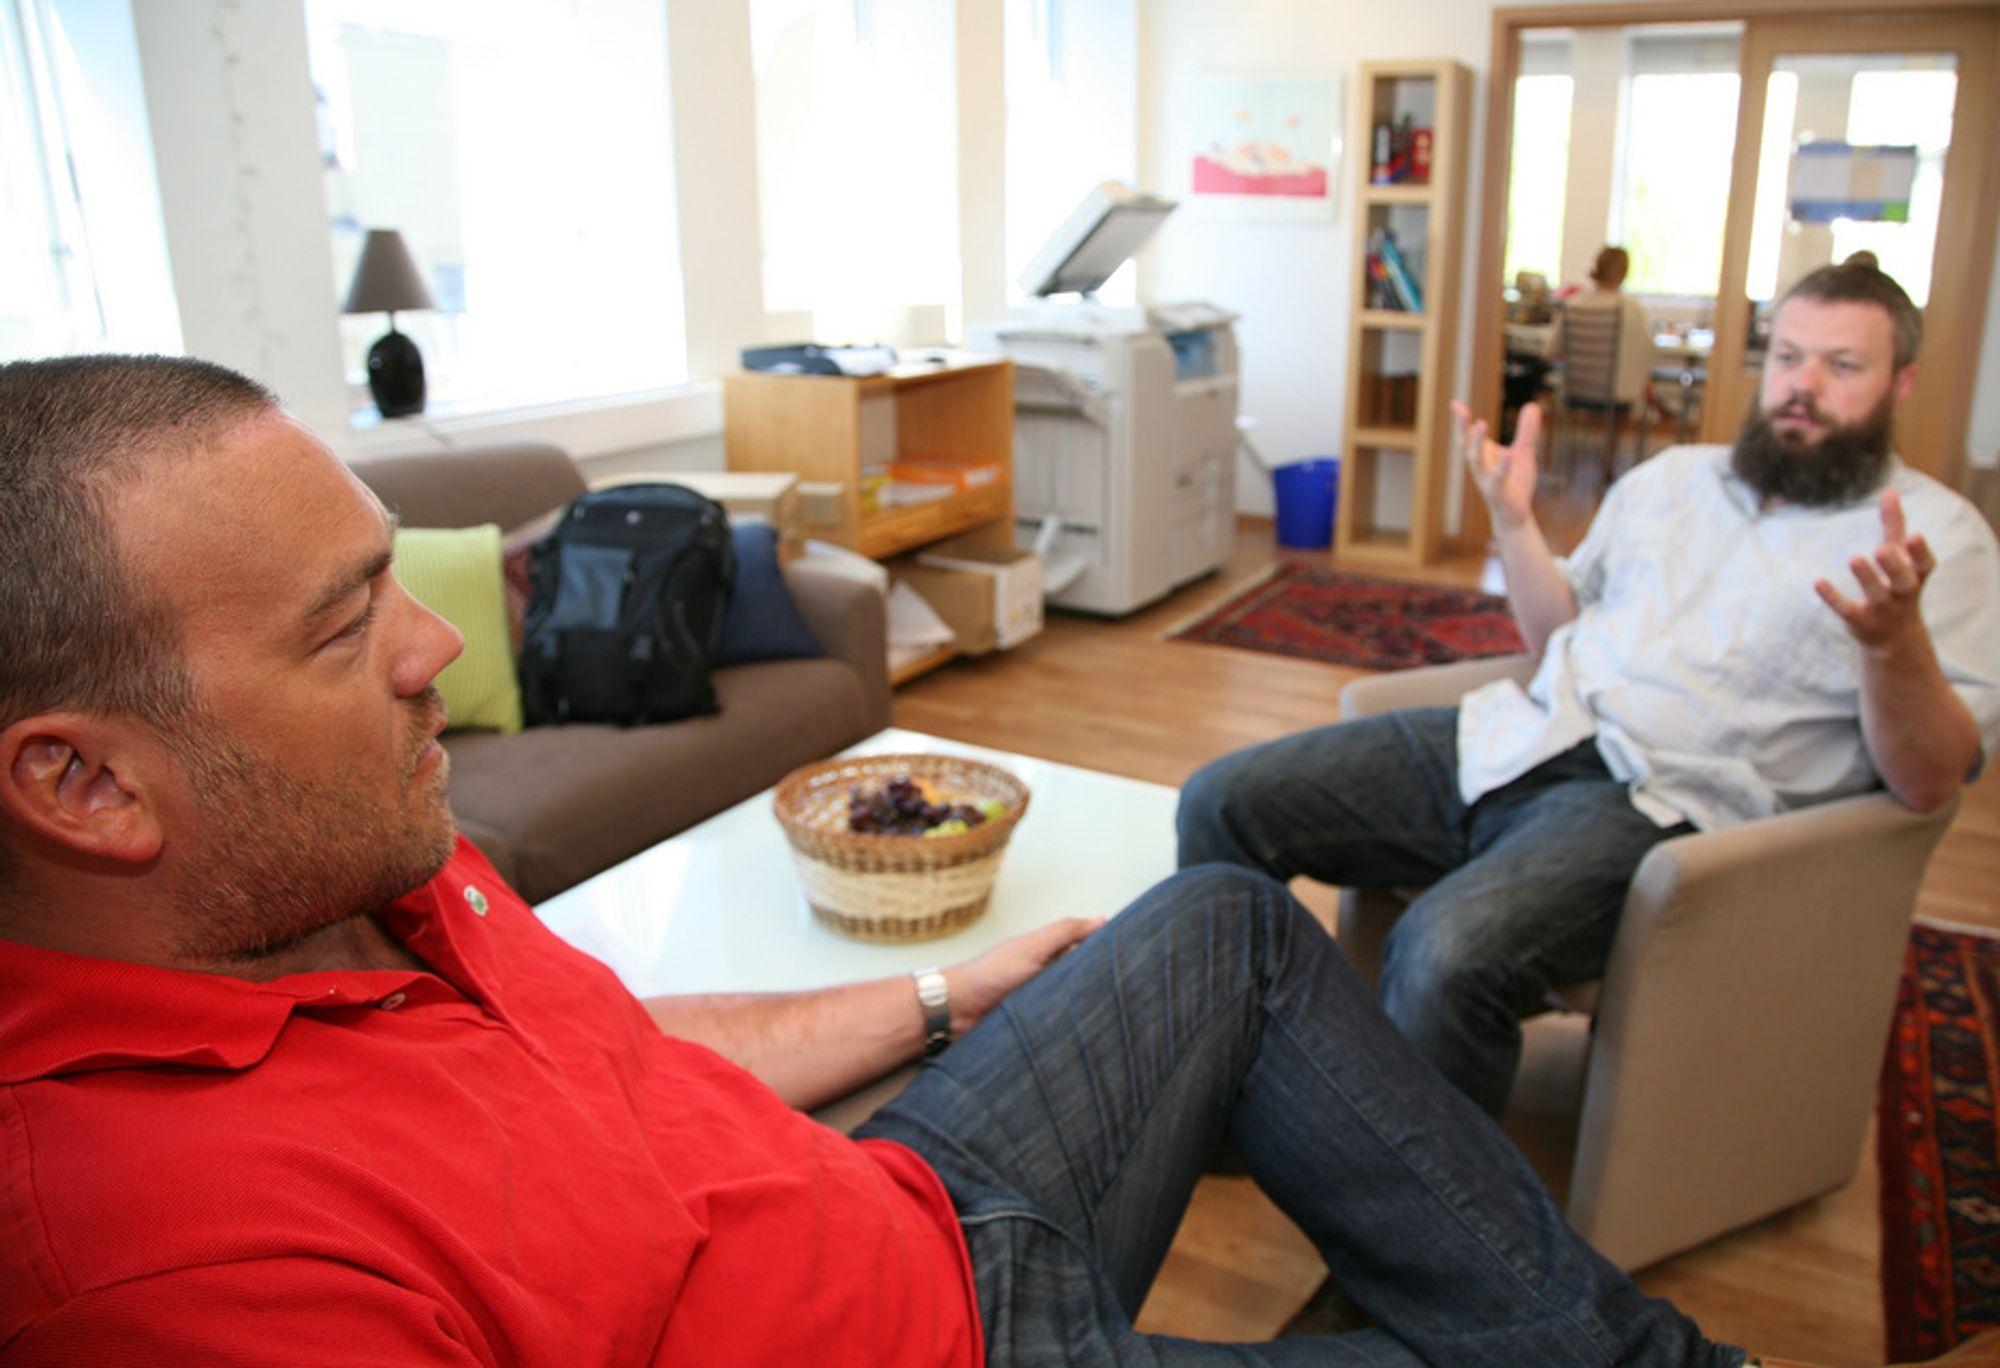 AKTIVE: IKT-Norges Fredrik Syversen (til venstre) og Torgeir Waterhouse er enige om at de har hatt nytte av studentaktivitetene de har drevet med.